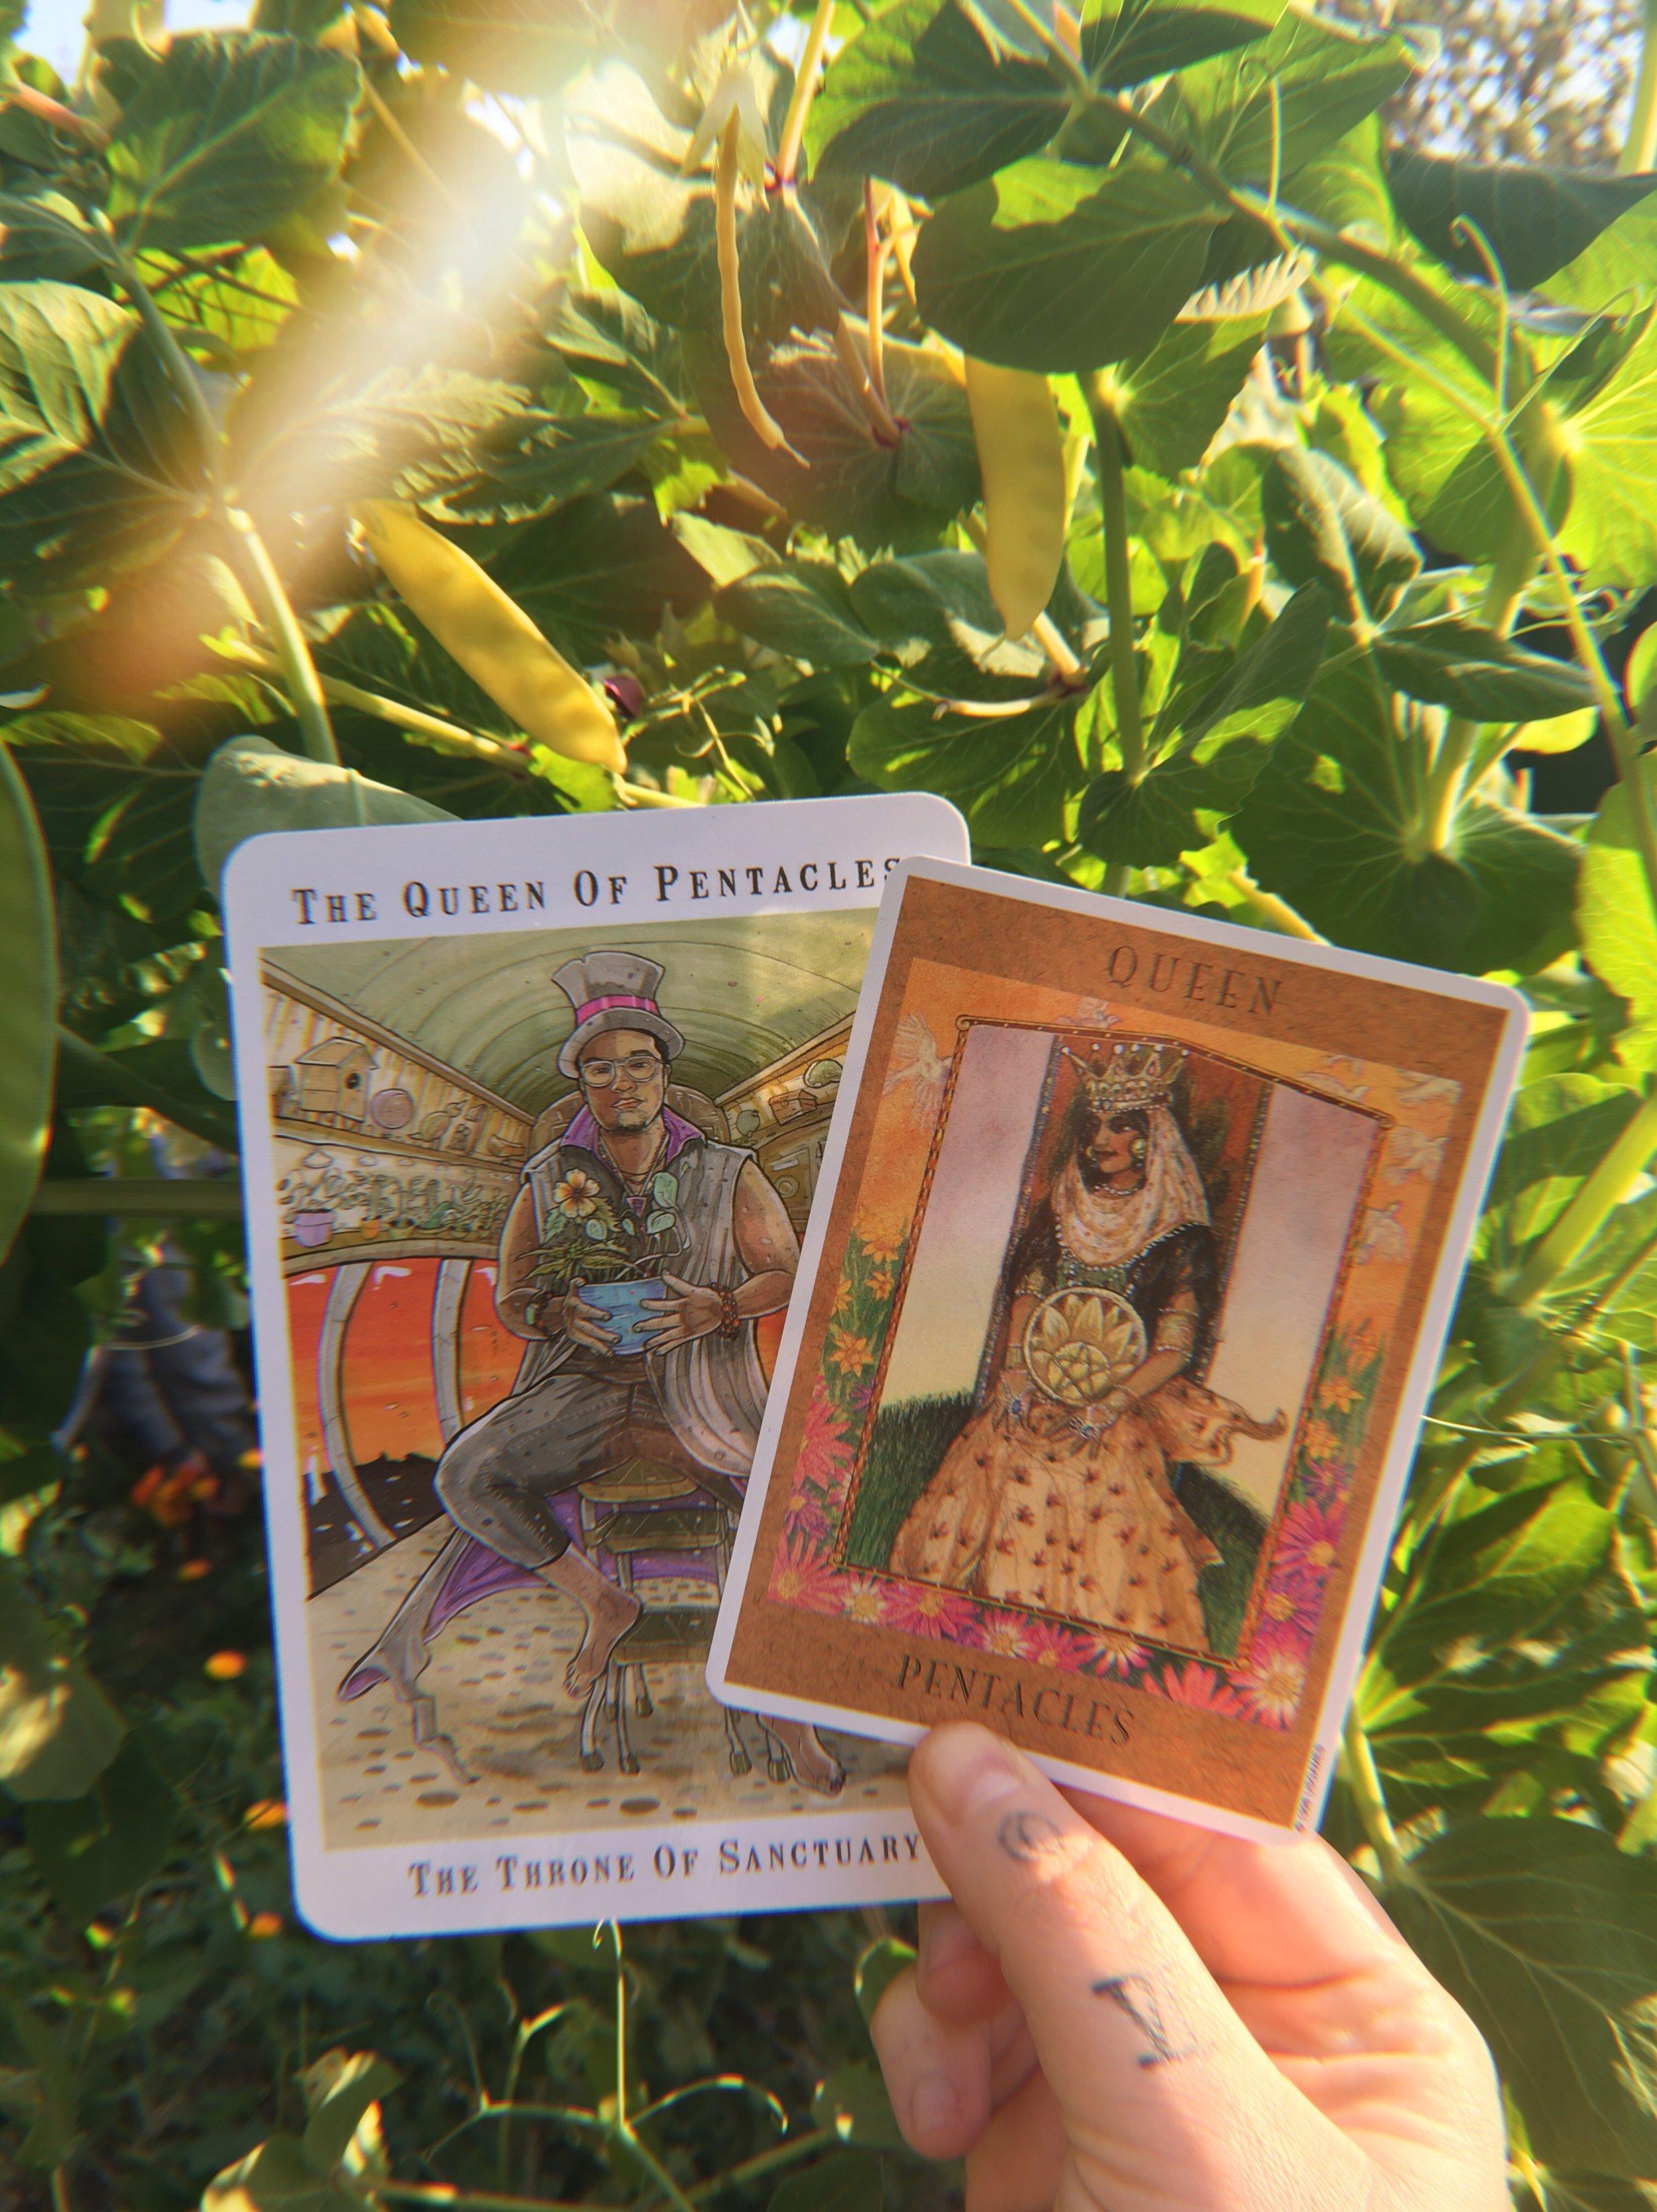 Next World Tarot & Goddess Tarot